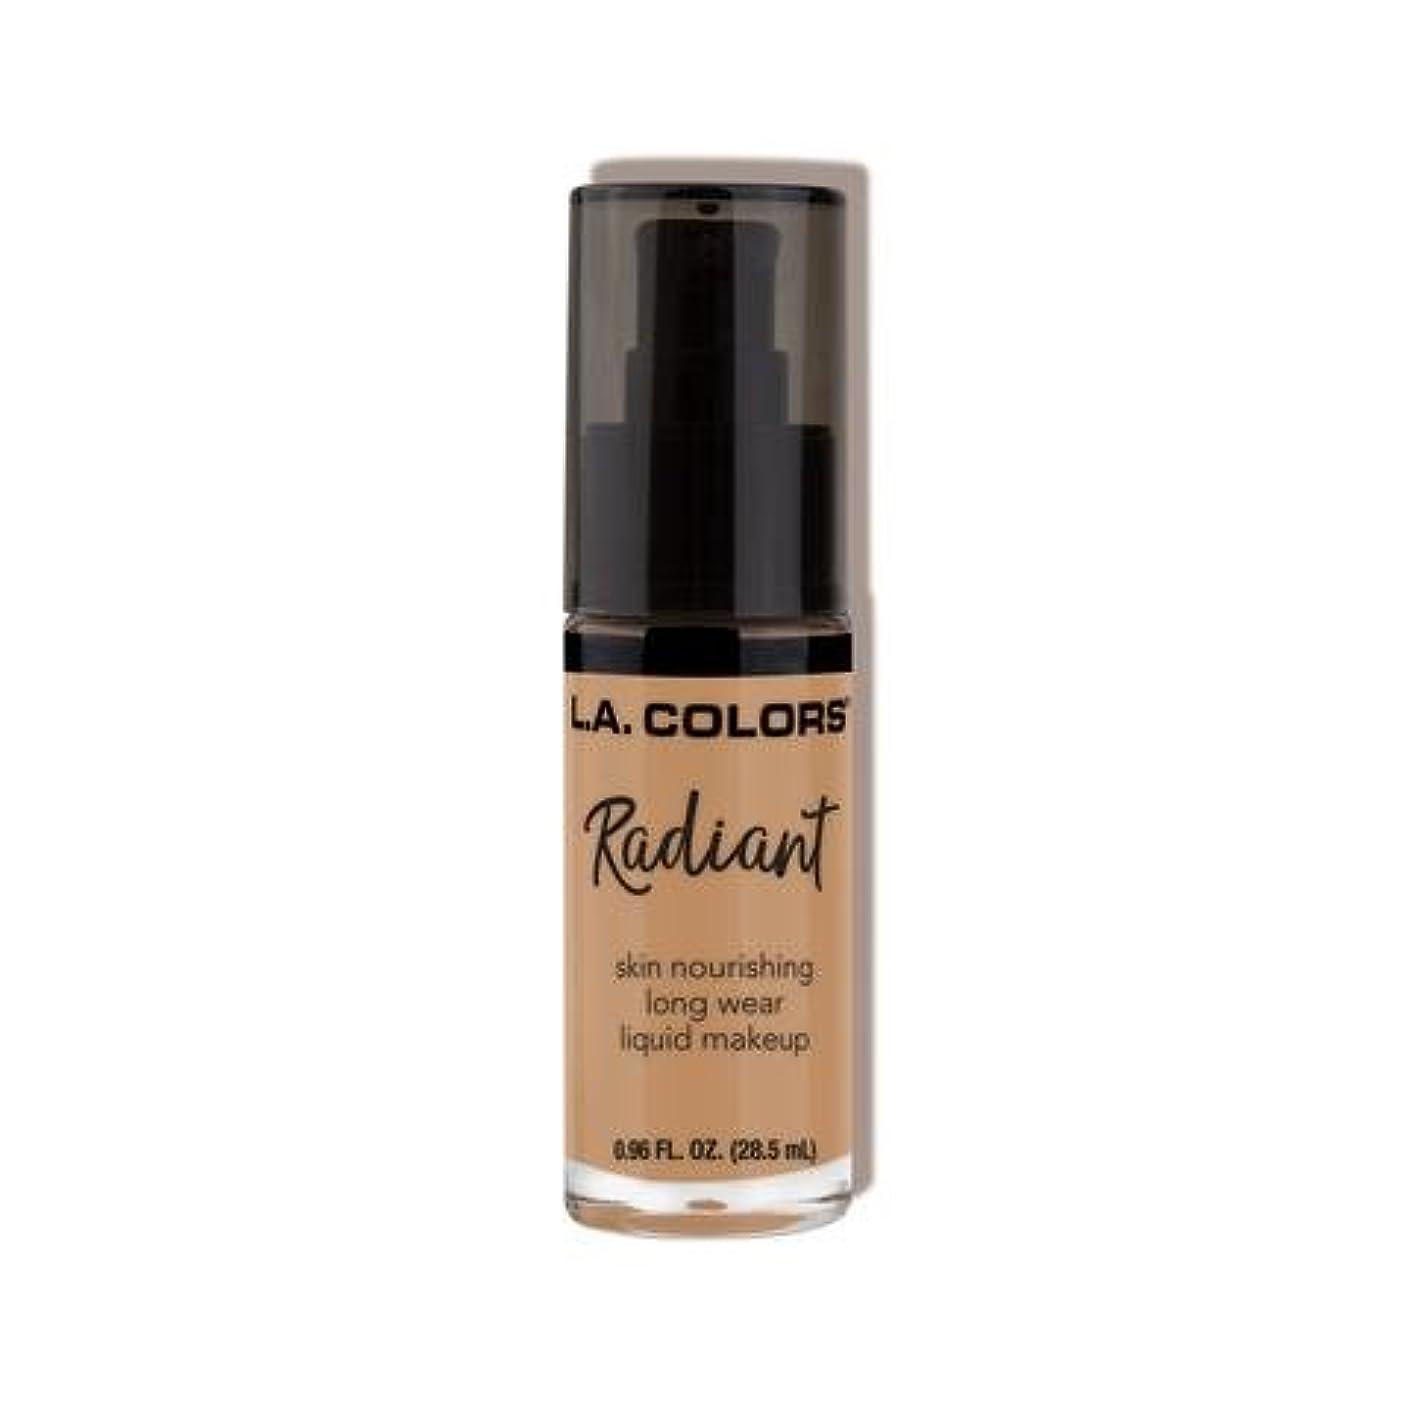 耐えられないペパーミントフェリー(6 Pack) L.A. COLORS Radiant Liquid Makeup - Light Toffee (並行輸入品)